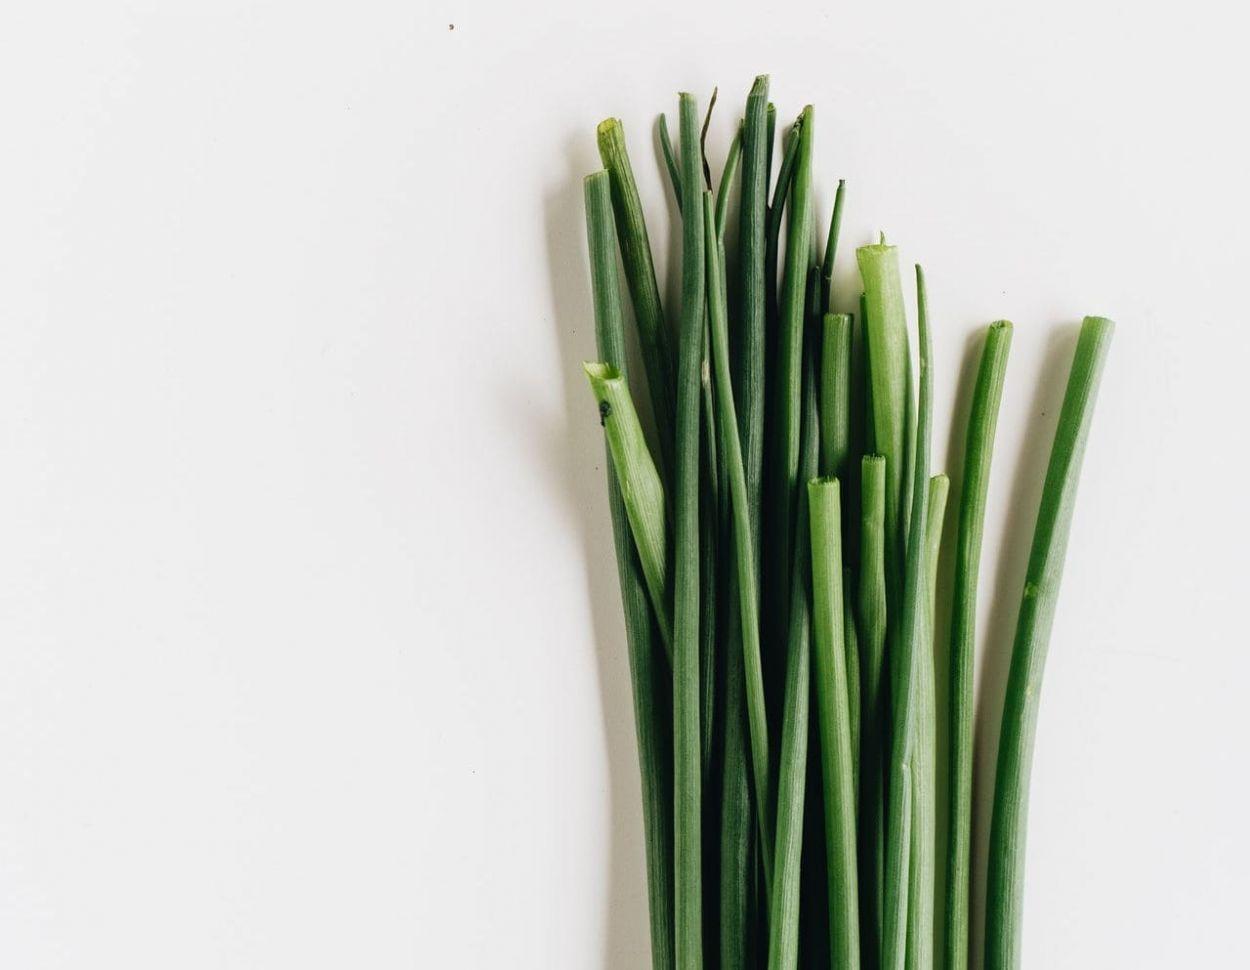 Comment couper la ciboulette de votre jardin [Guide pratique]